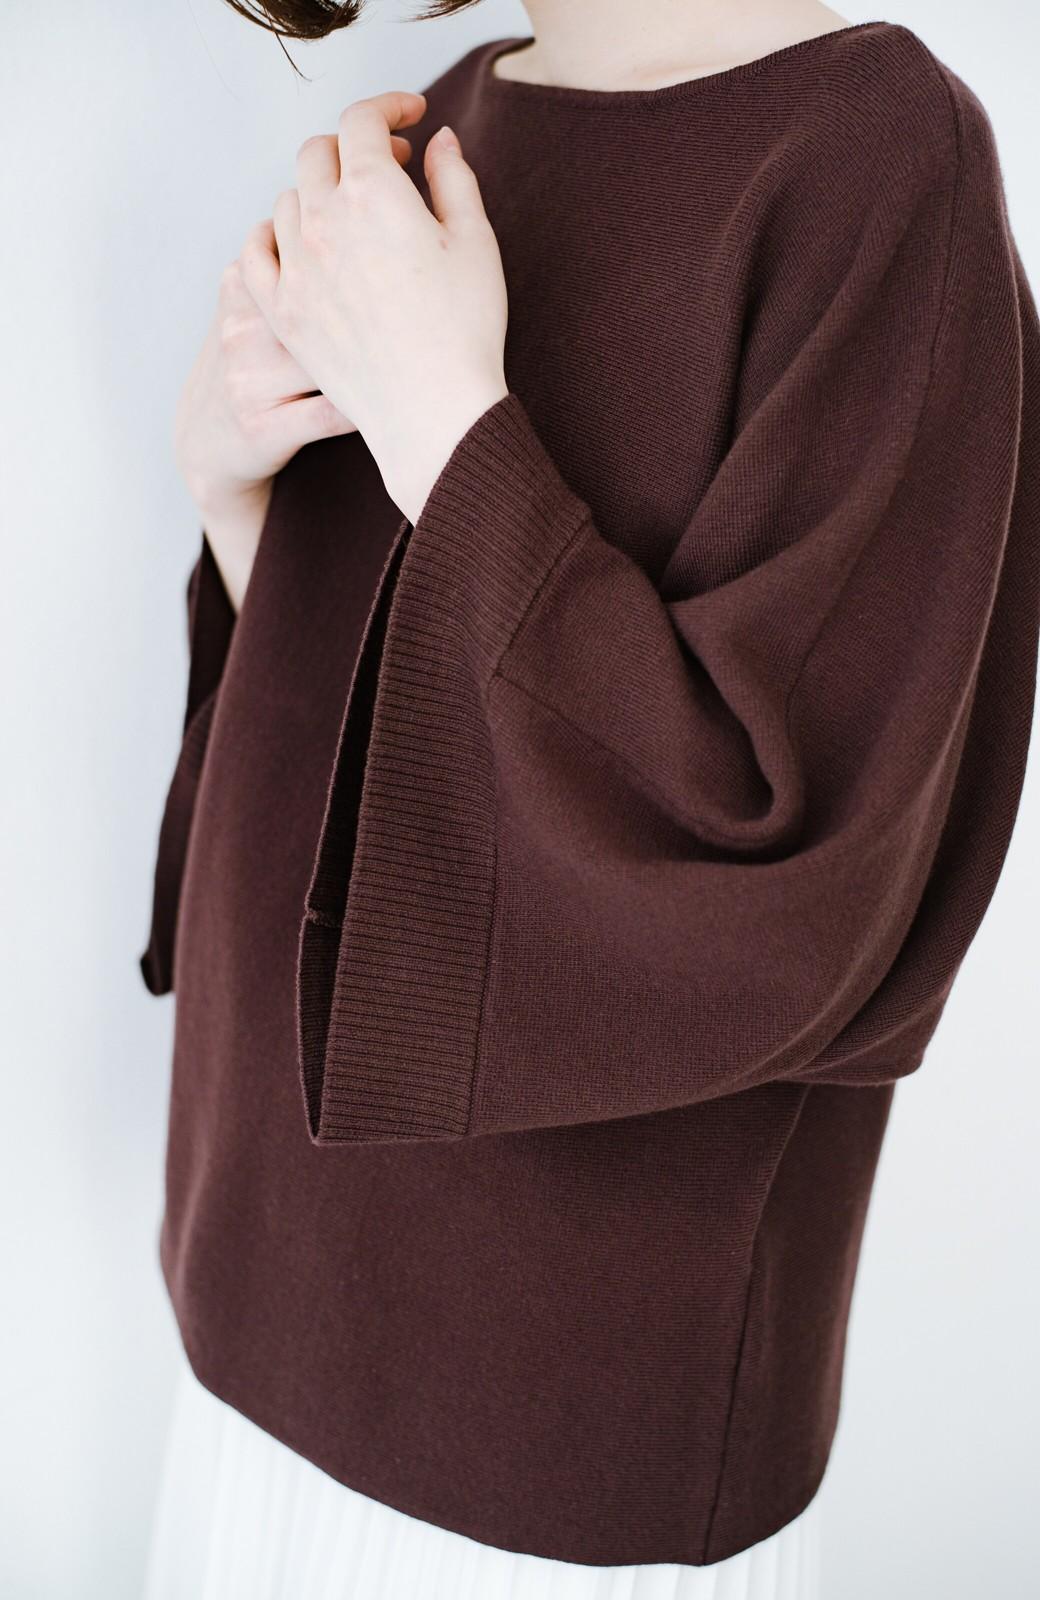 haco! 長ーーい季節着られてきちんとみせてくれる 便利なミラノリブニット <ブラウン>の商品写真4